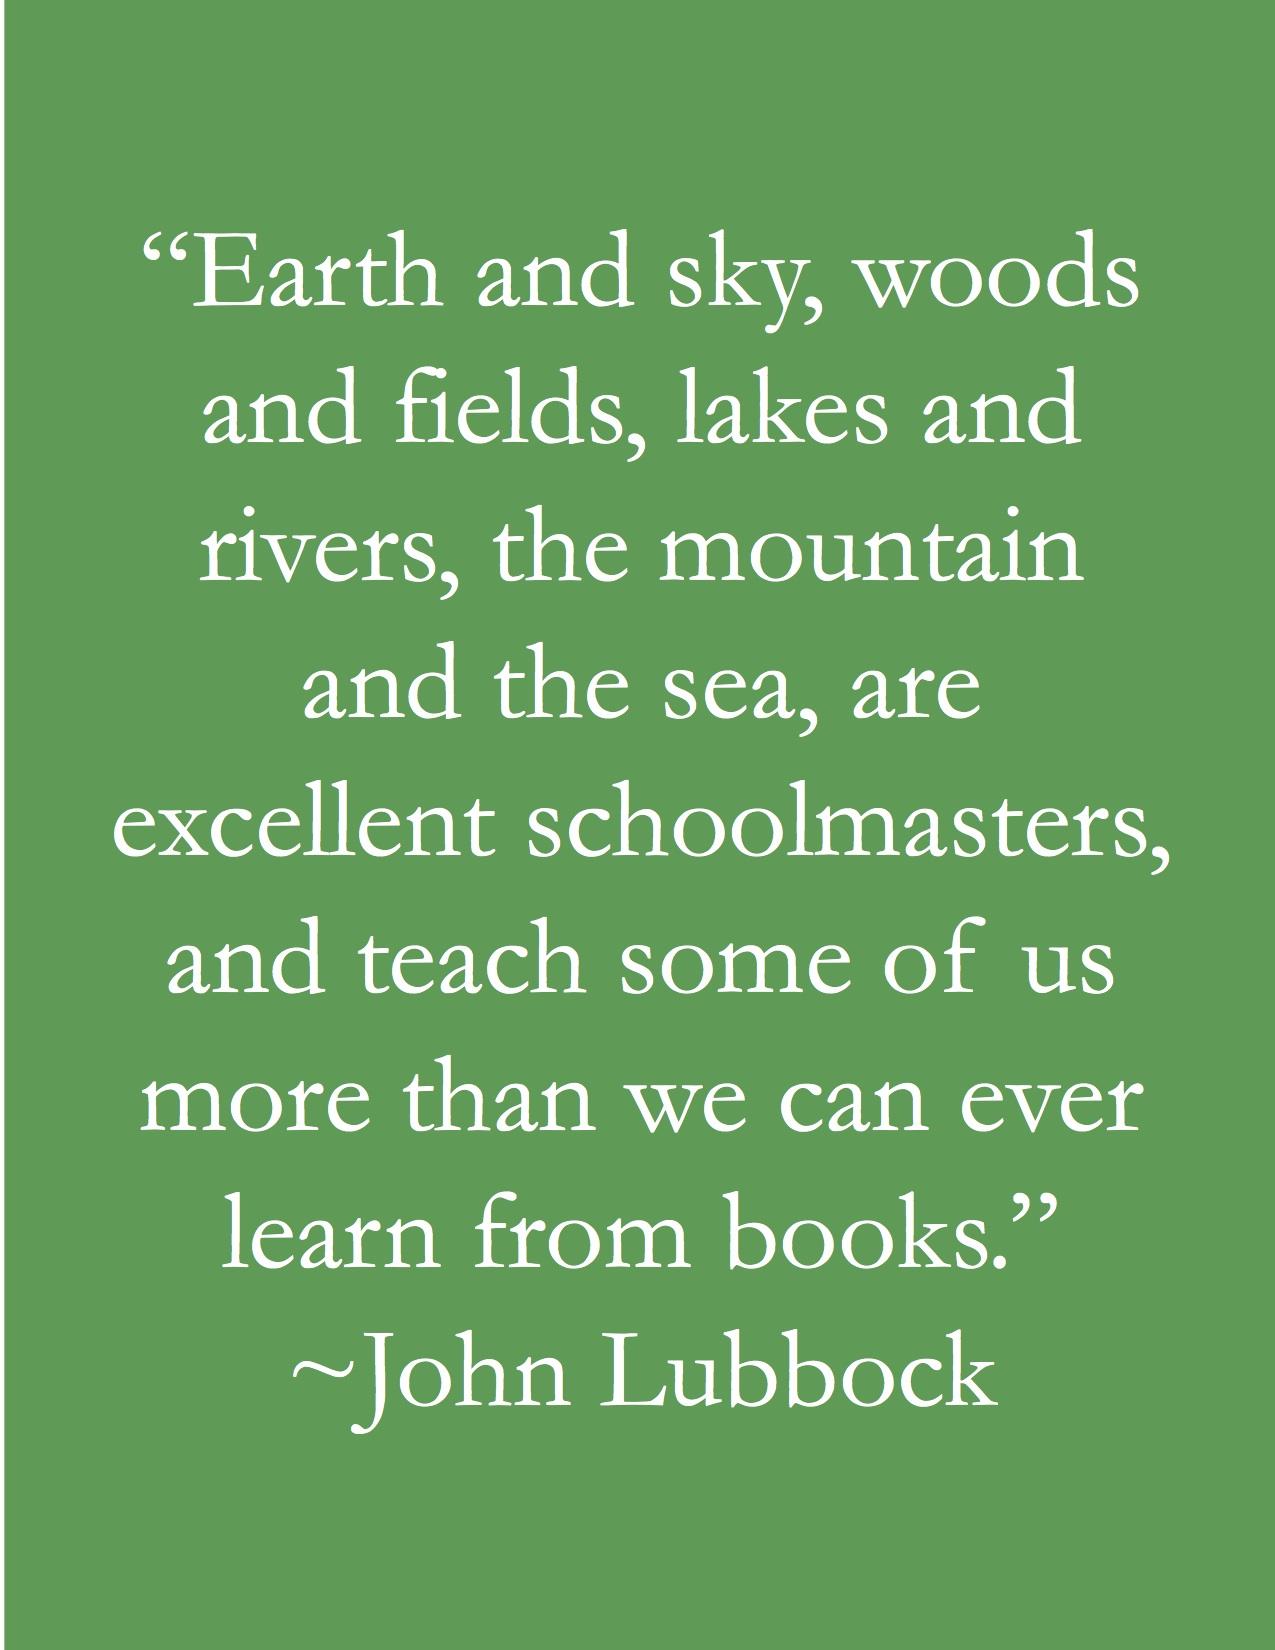 John Lubbock's quote #6